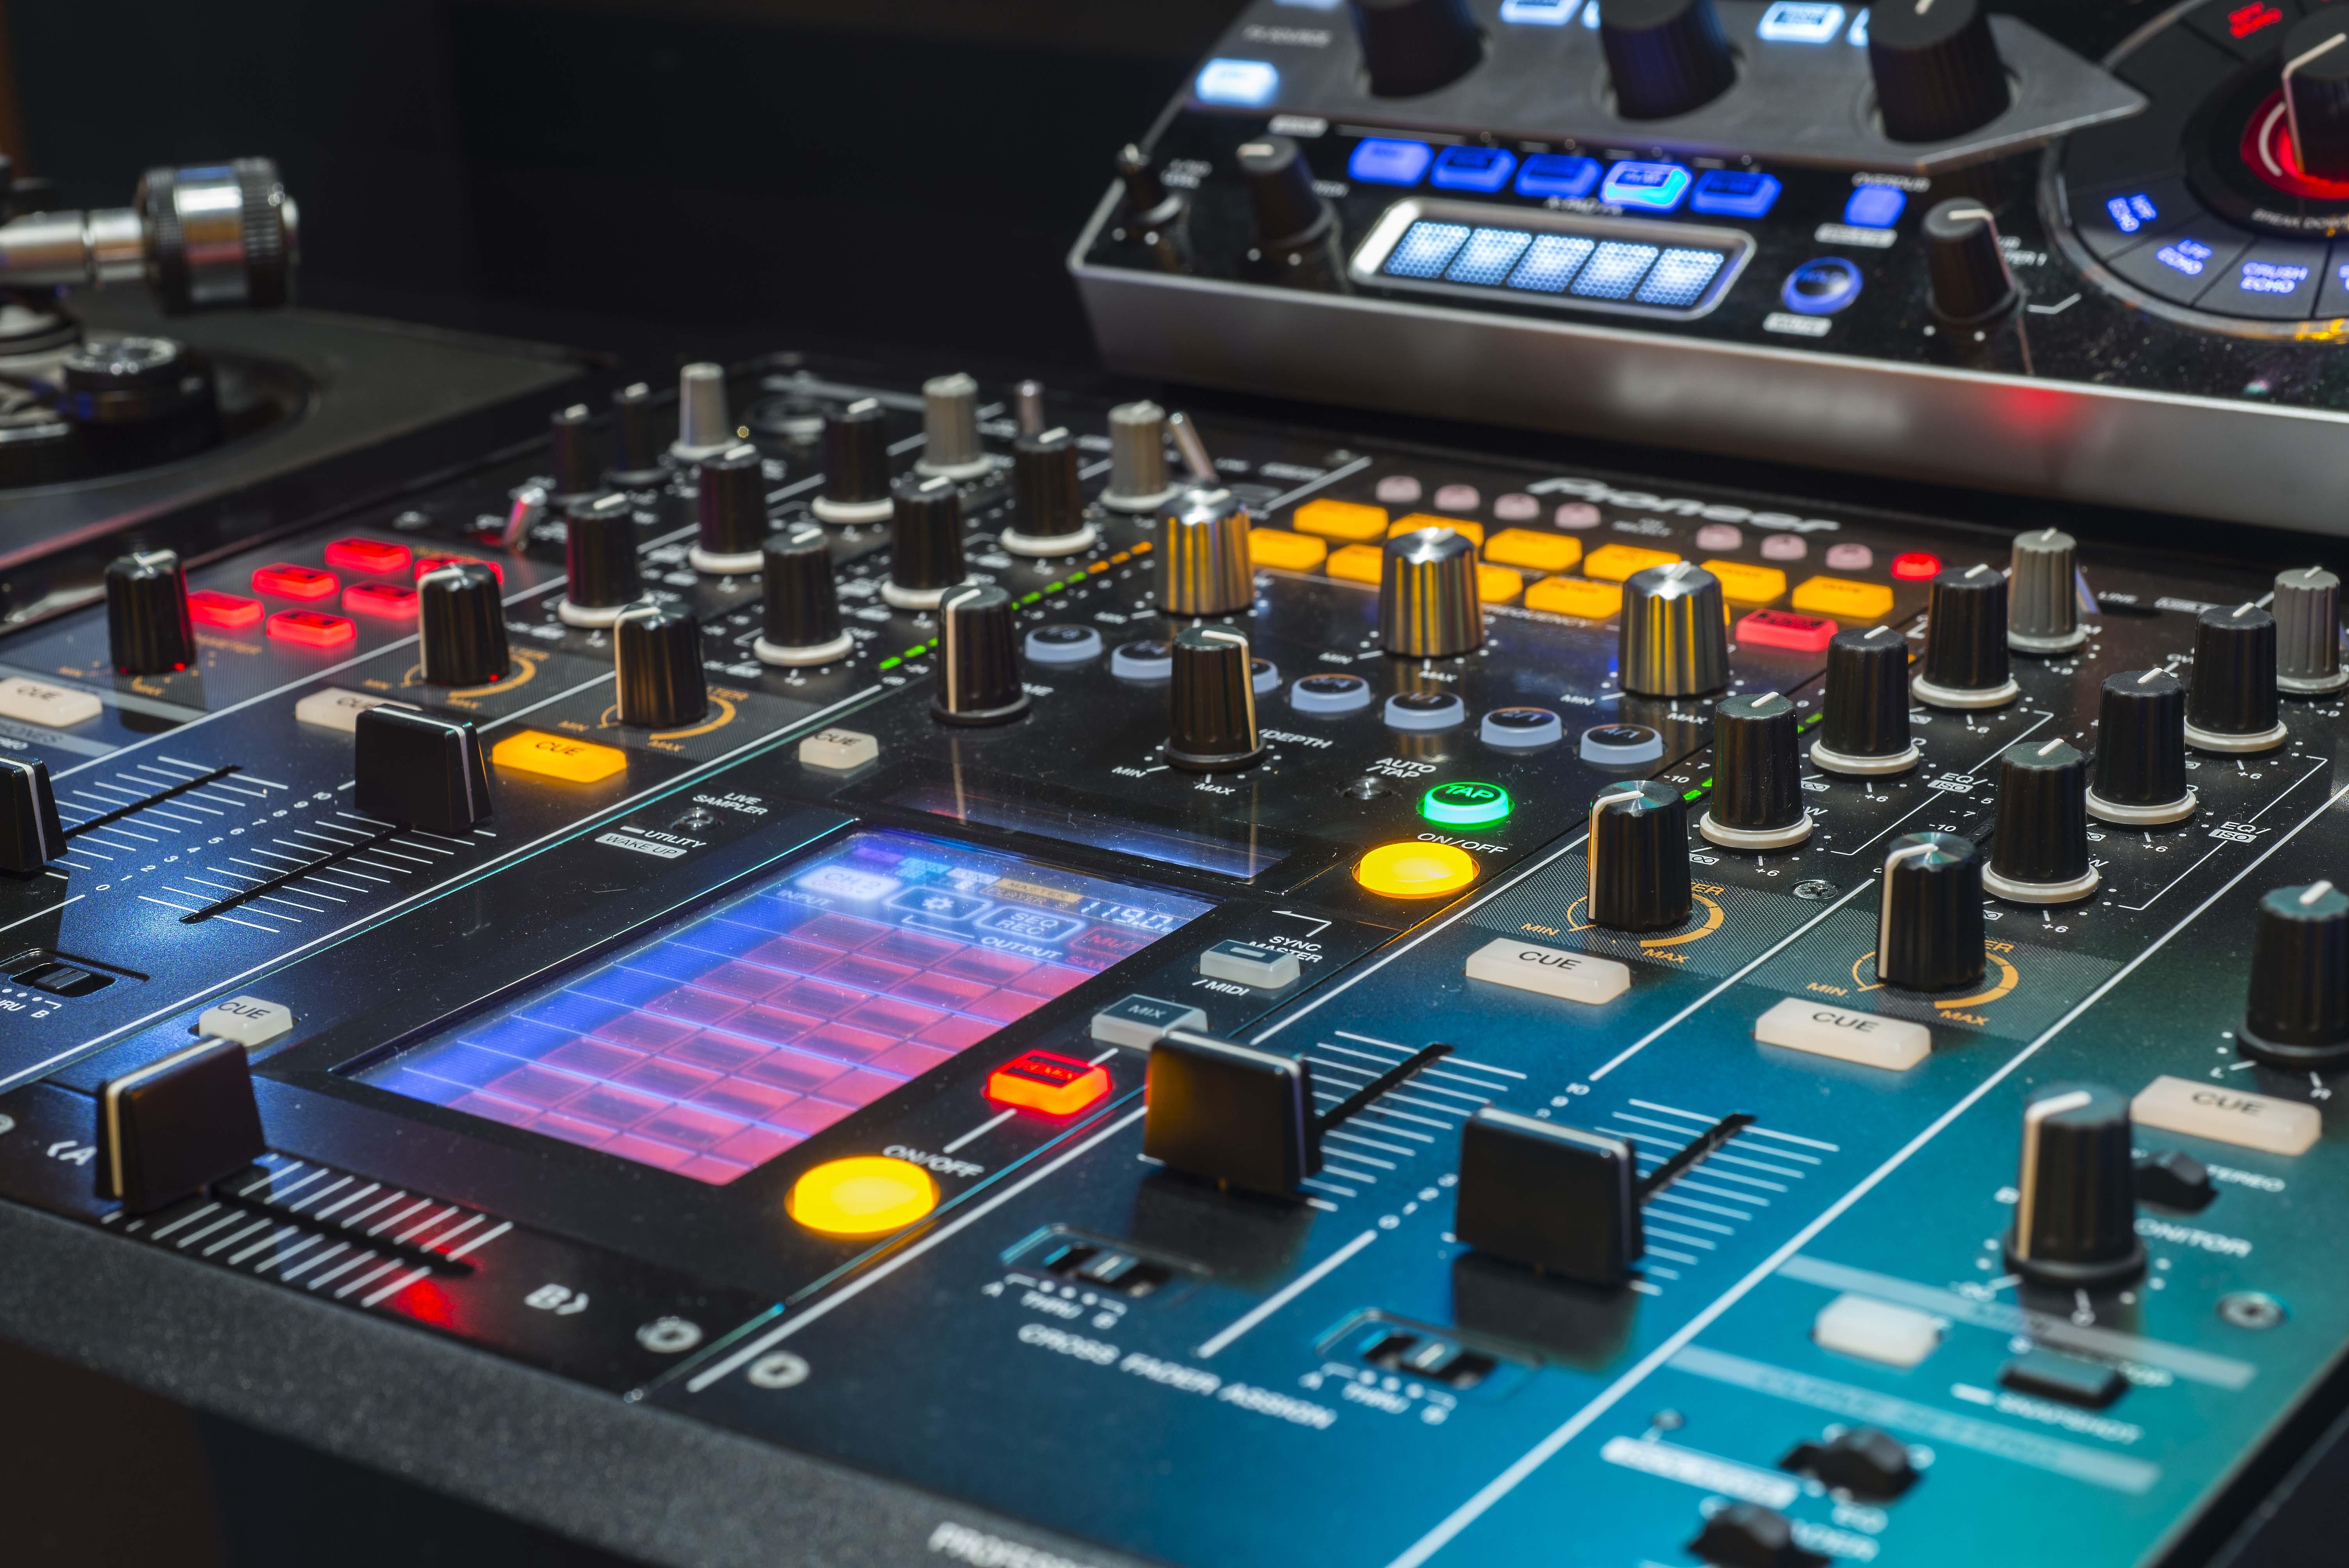 dj olmak için ne yapmak lazım, dj olmak için ilk adımlar, Traktor DJ nasıl kullanılır, Müzik Prodüksiyon Eğitimi, Müzik Prodüksiyon Kursları, Müzik Prodüksiyon Dersleri,